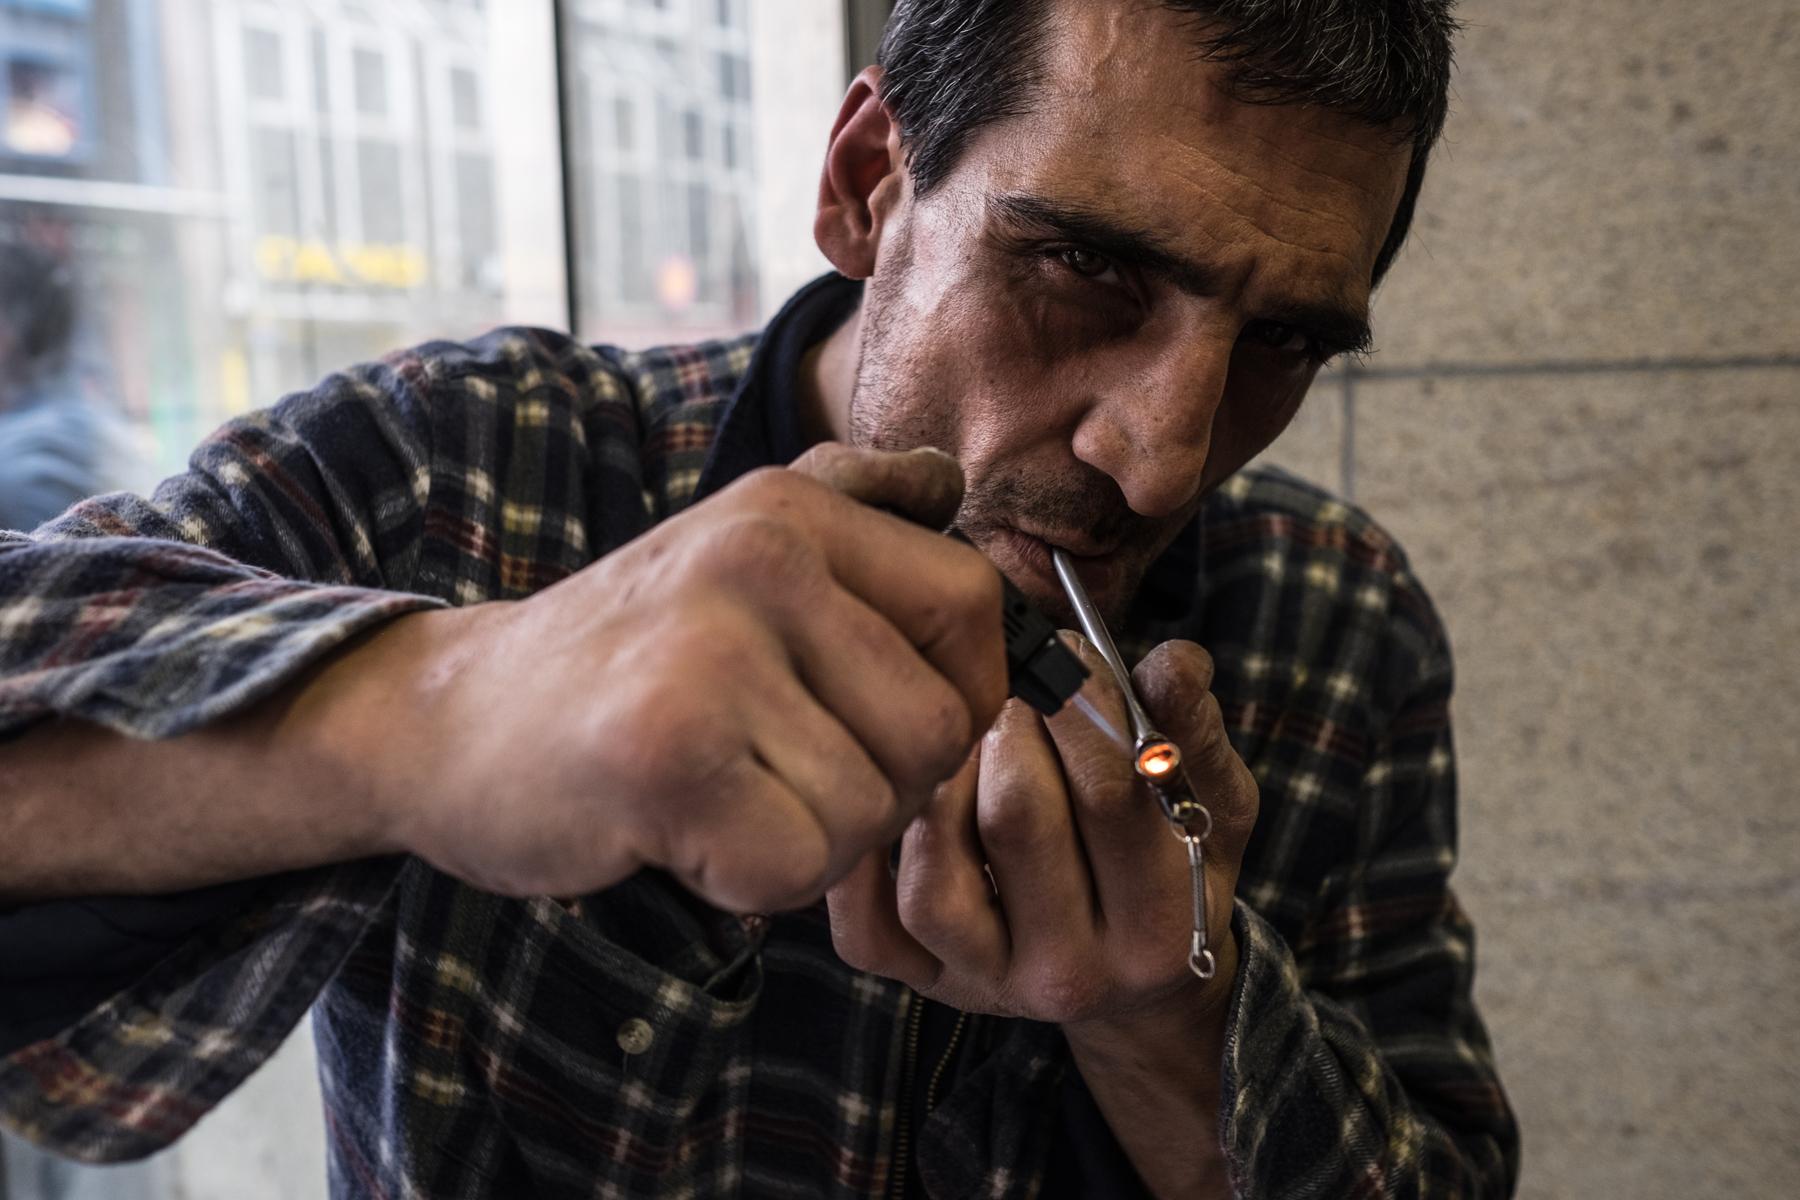 a crack addict smoking crack at the Bahnhofsviertel in Frankfurt